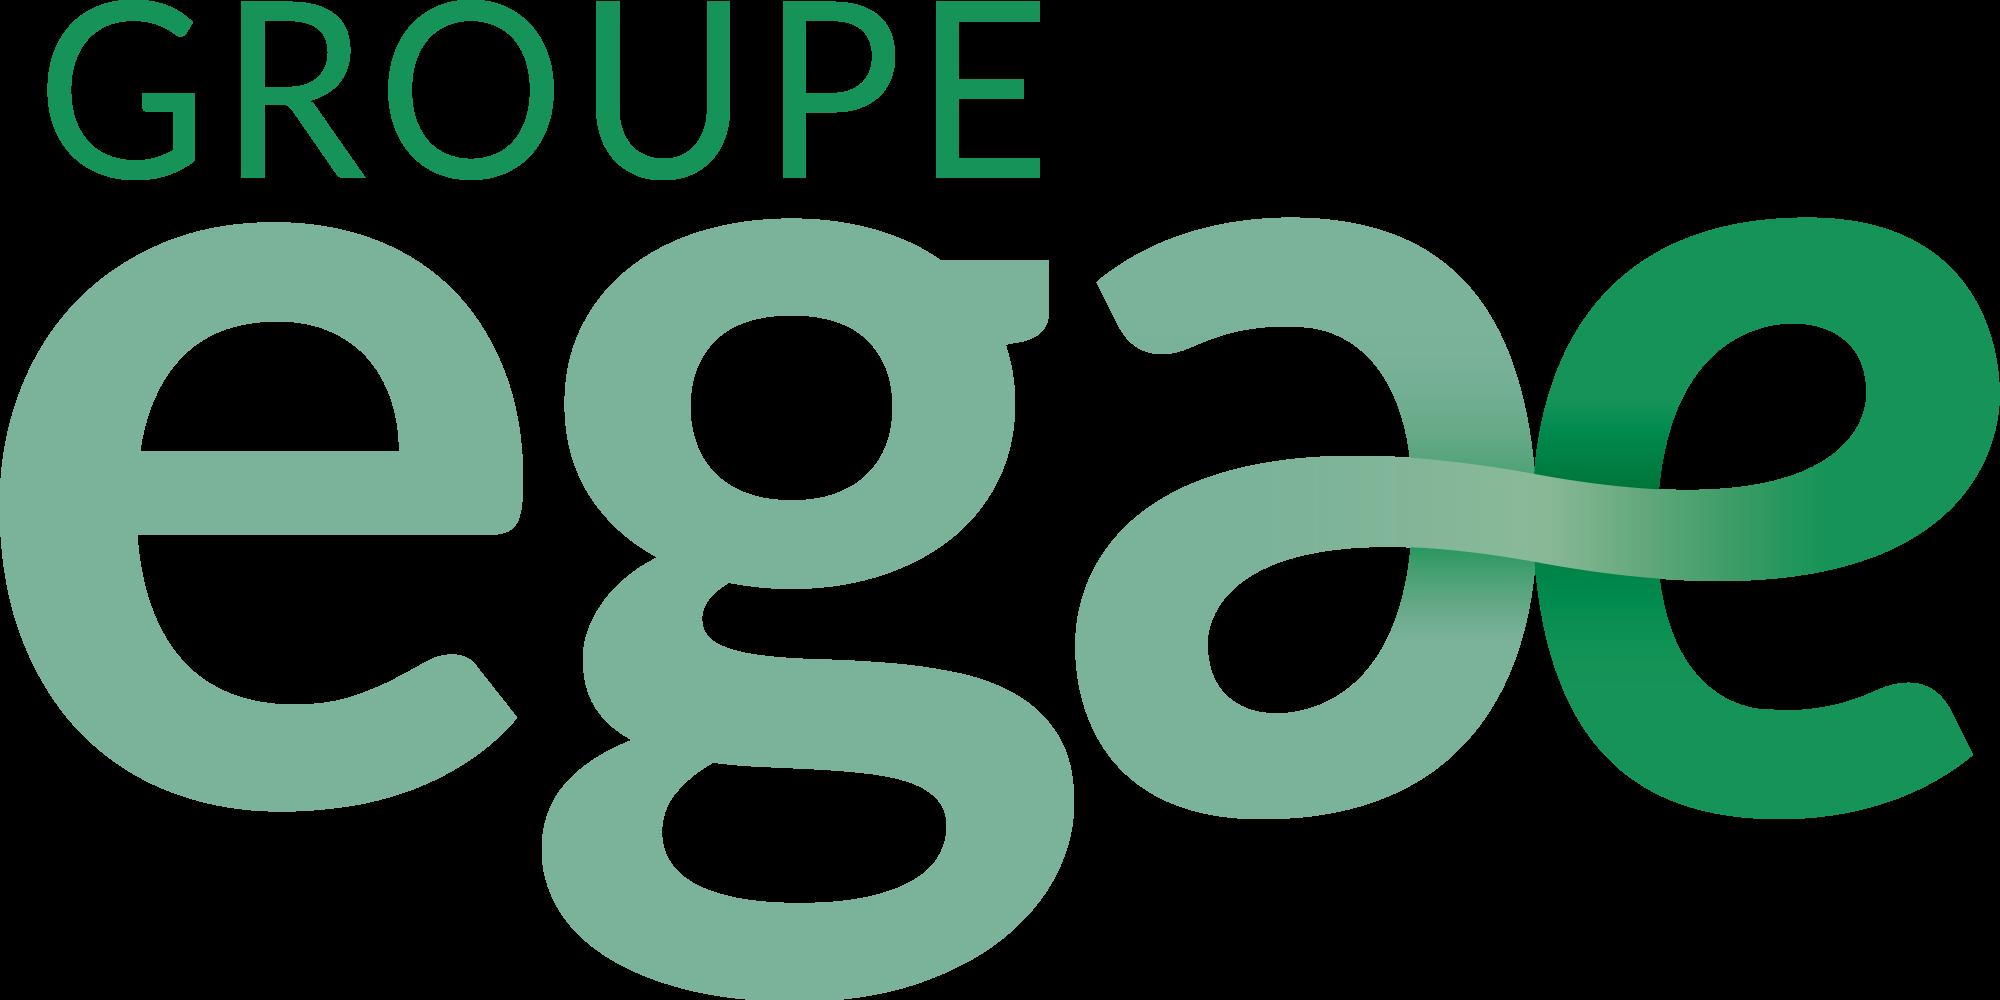 Groupe Egaé